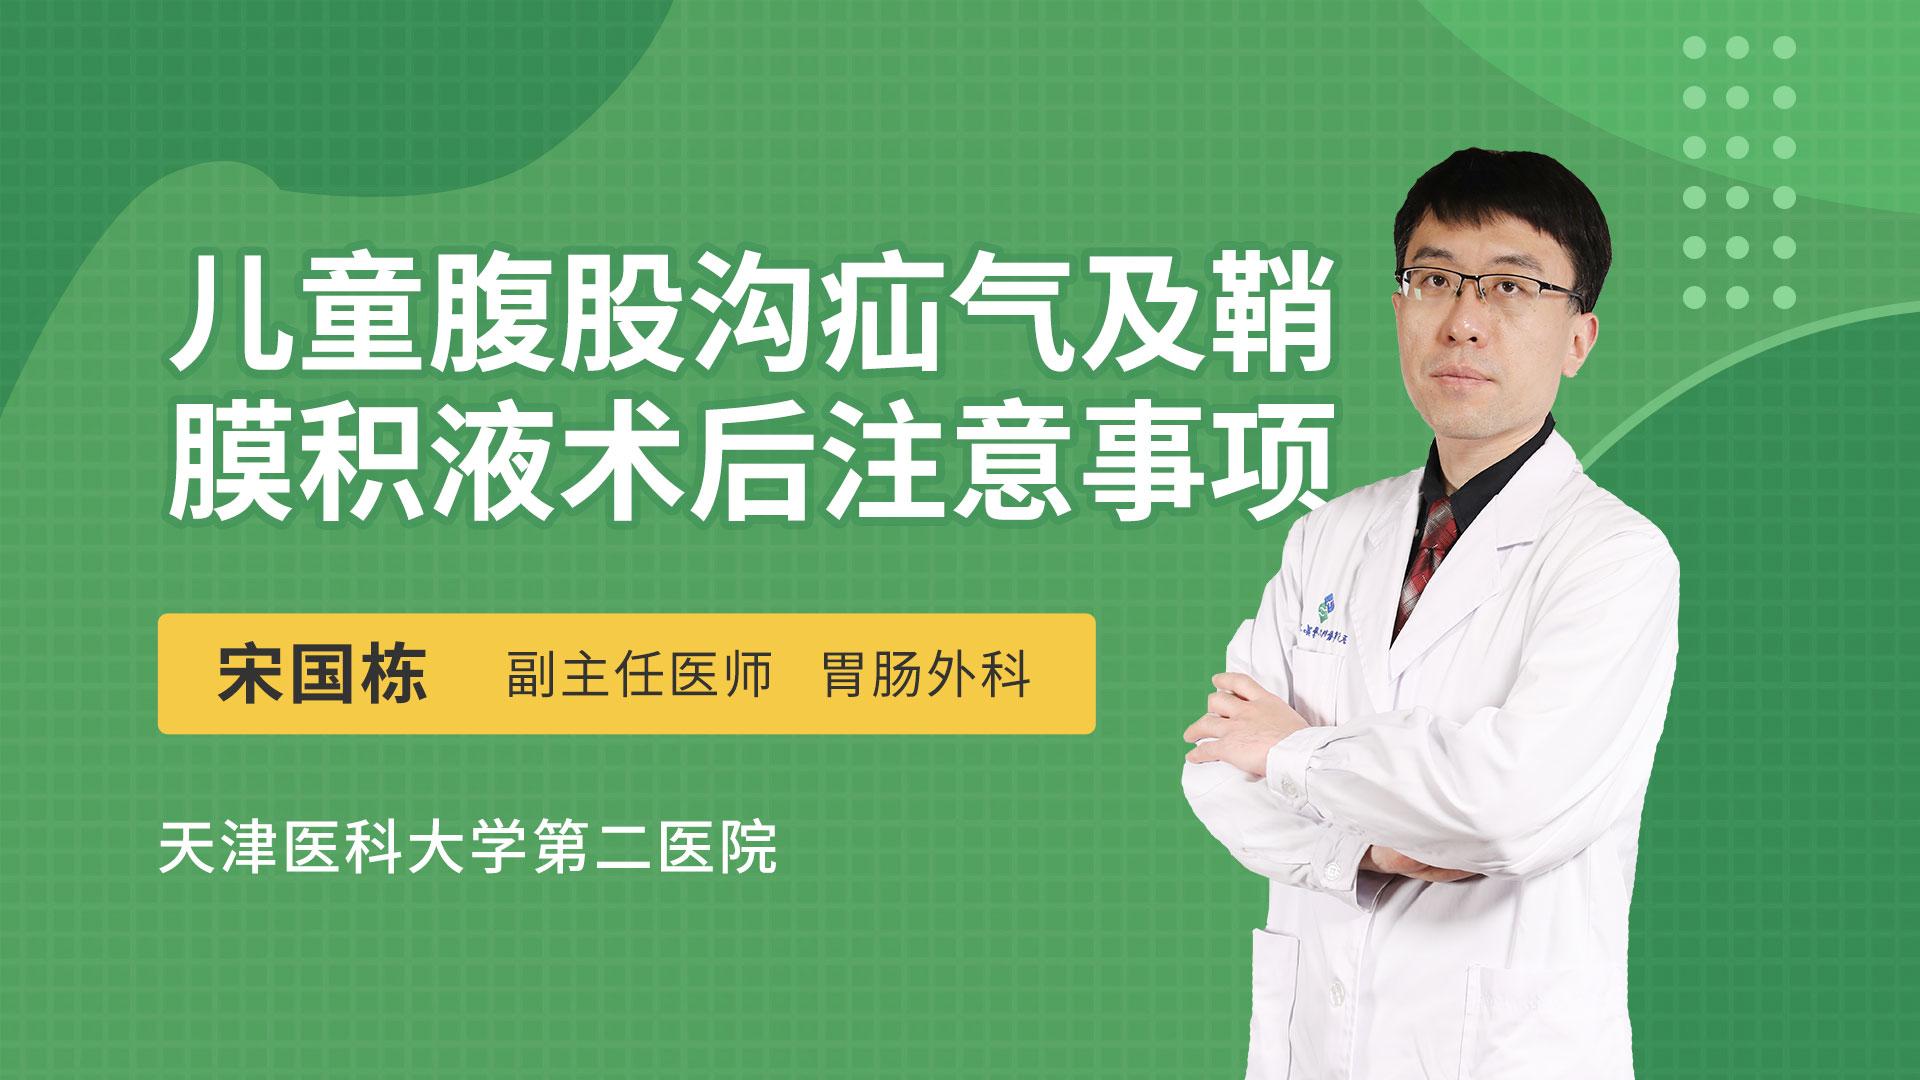 儿童腹股沟疝气及鞘膜积液术后注意事项